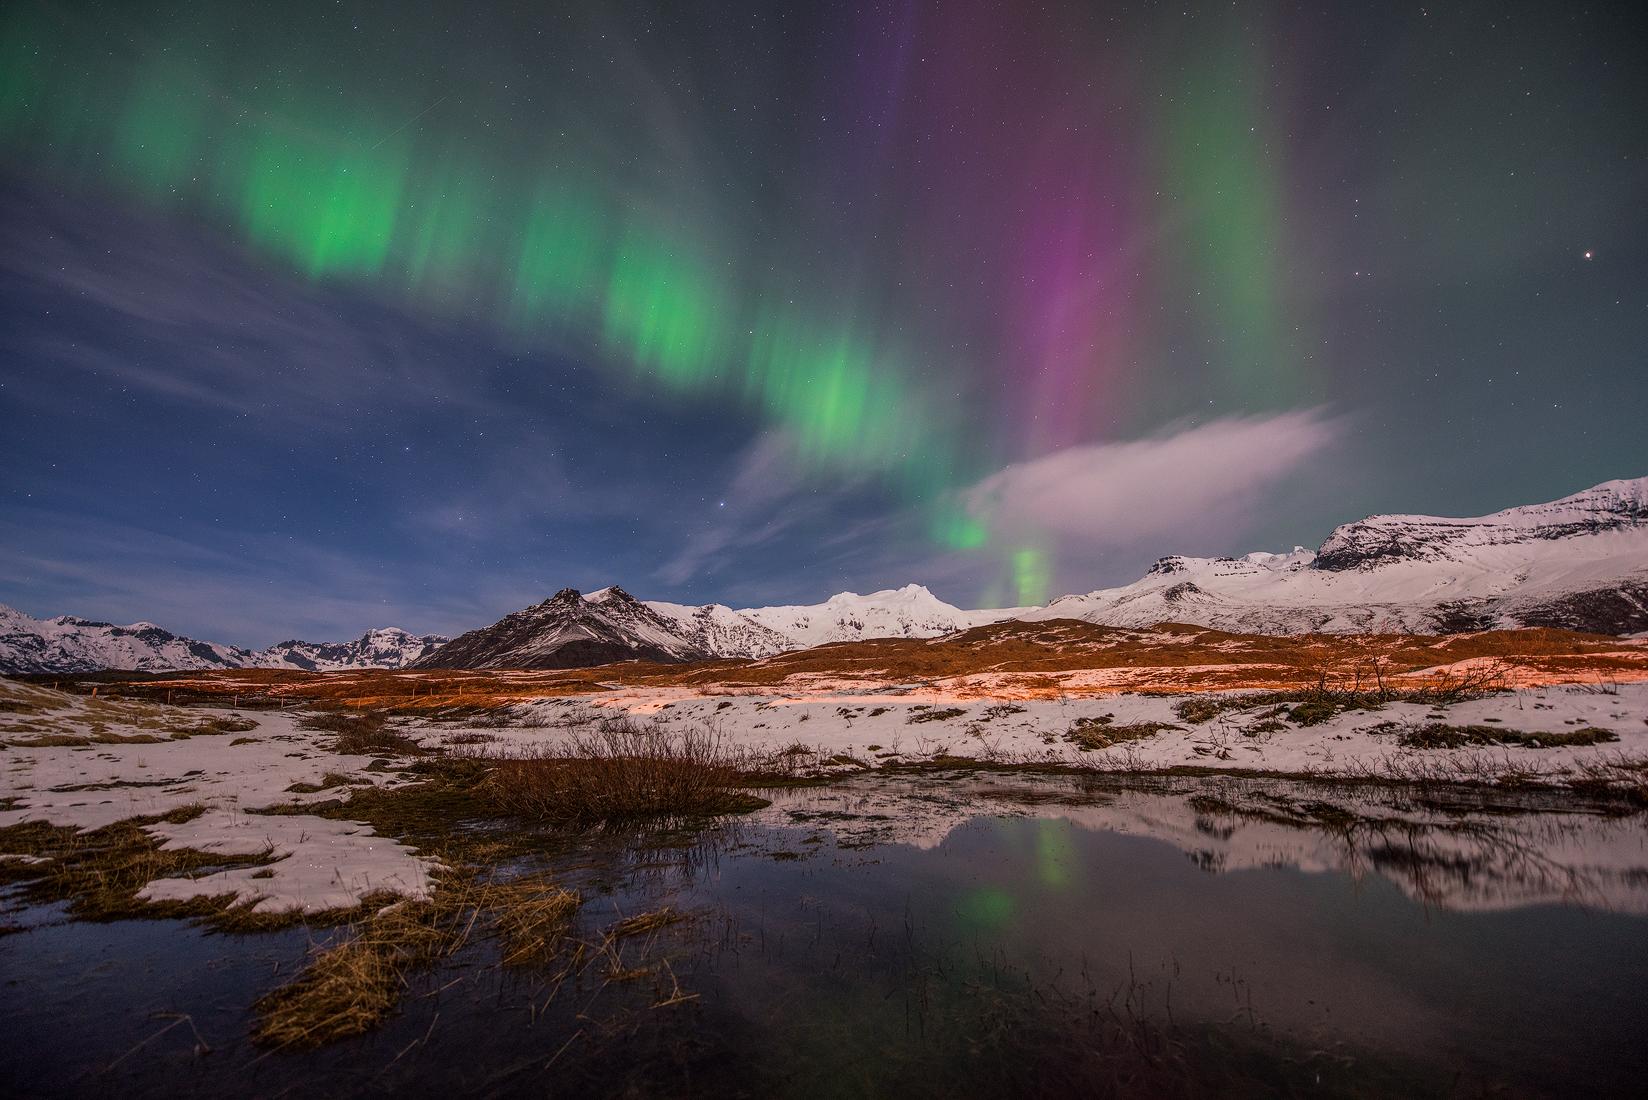 银装素裹的冰岛在灿烂北极光下似世界尽头般神秘而美丽